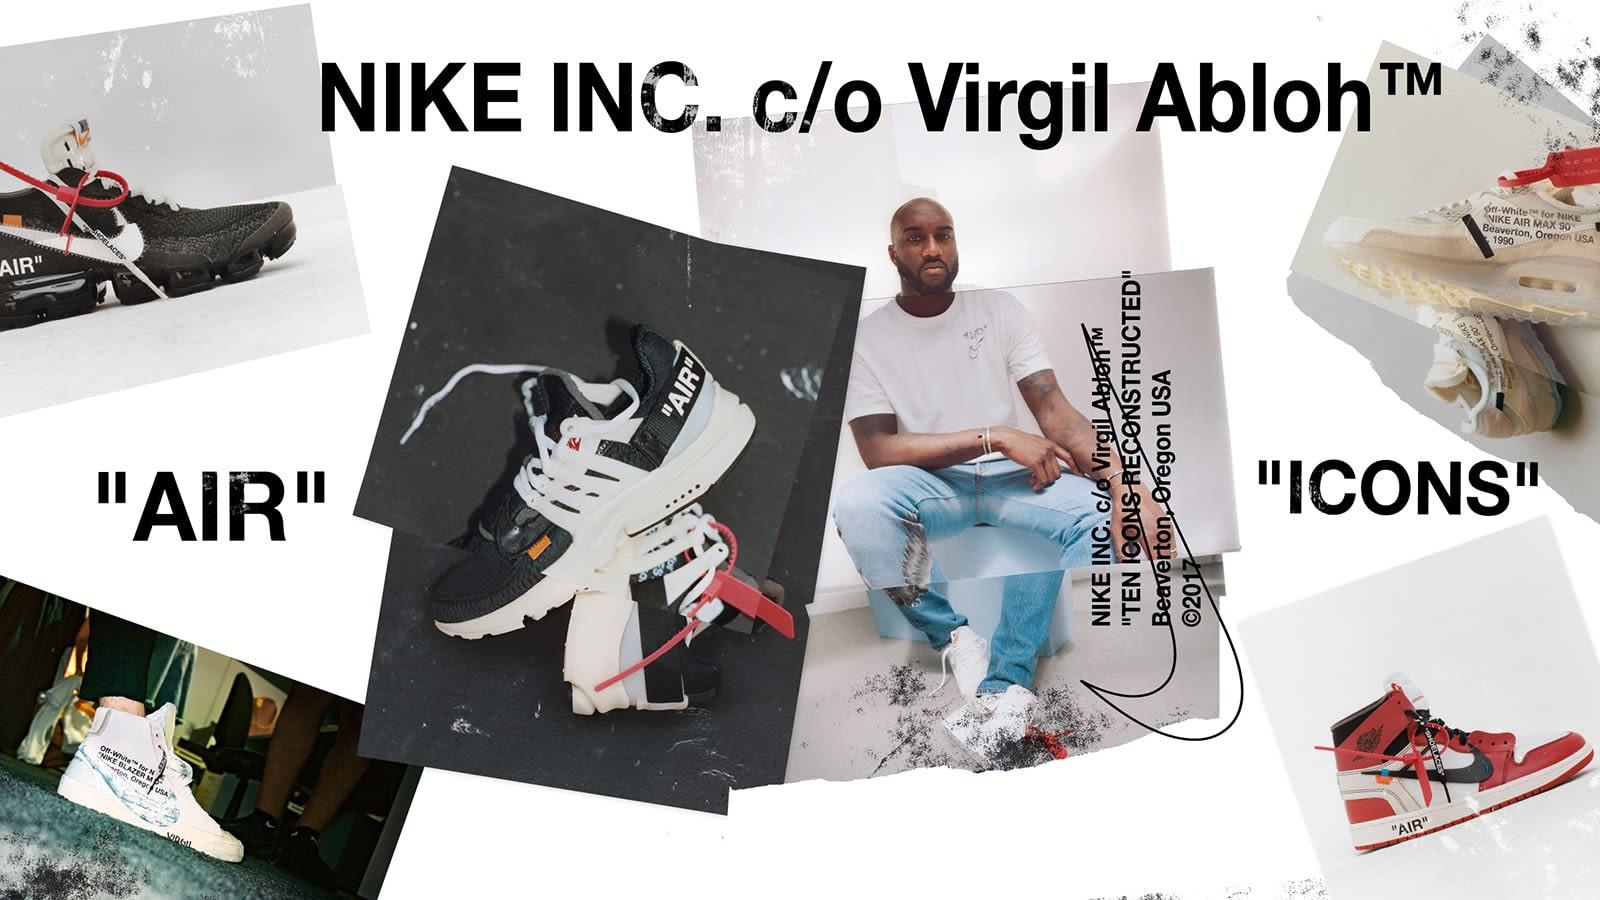 Nike X Virgil Abloh The Ten Air Force 1 Air Max 97